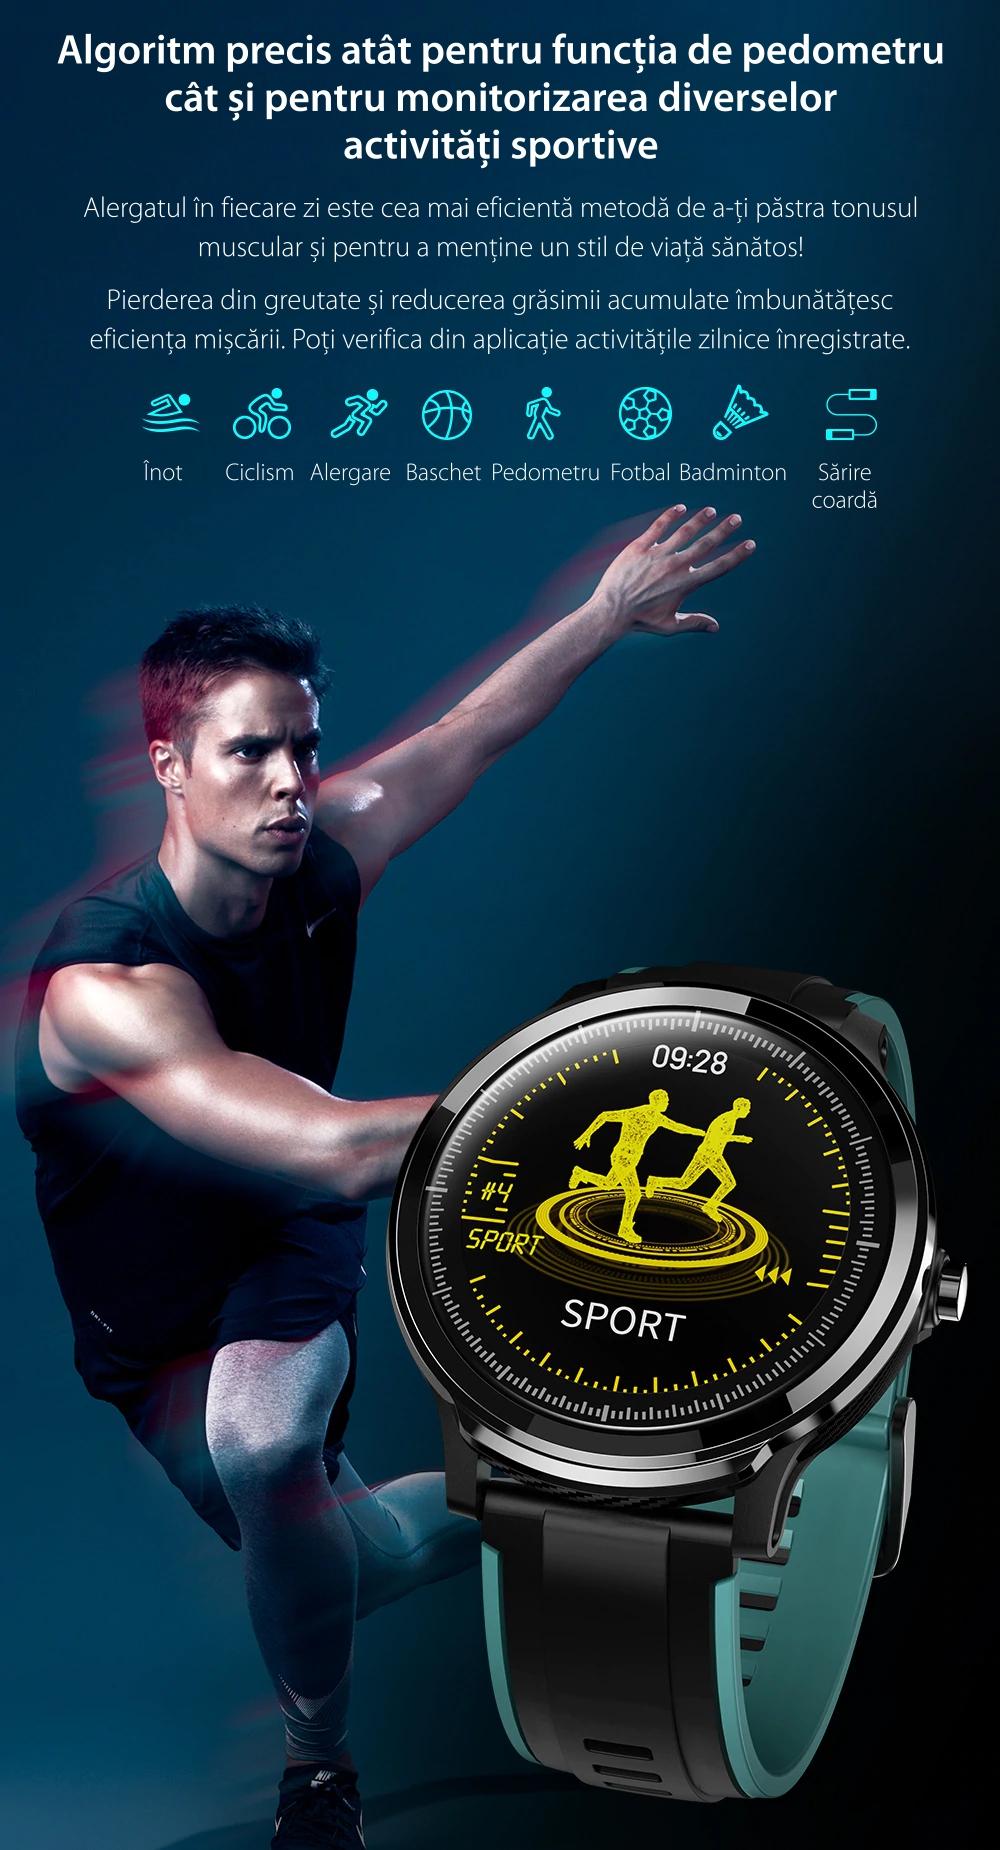 Ceas Smartwatch TKY-QS80 cu functie de monitorizare ritm cardiac, Tensiune arteriala, Nivel oxigen, Pedometru, Distanta parcursa, Calorii arse, Notificari Apel/ SMS, Negru-Portocaliu